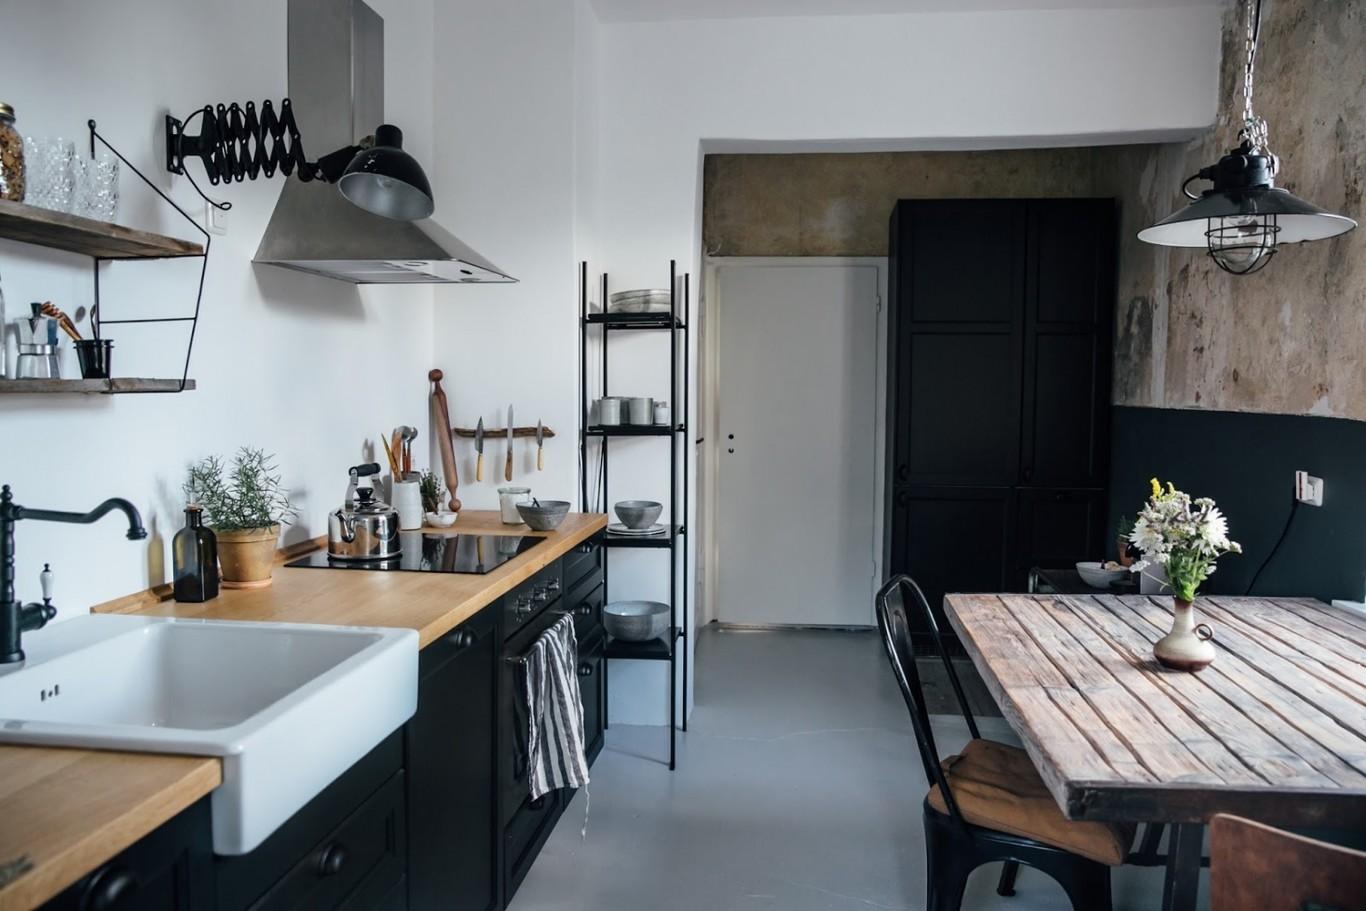 Una Cocina De Ikea Con Muebles Negros Y Encimera De Madera Para Un